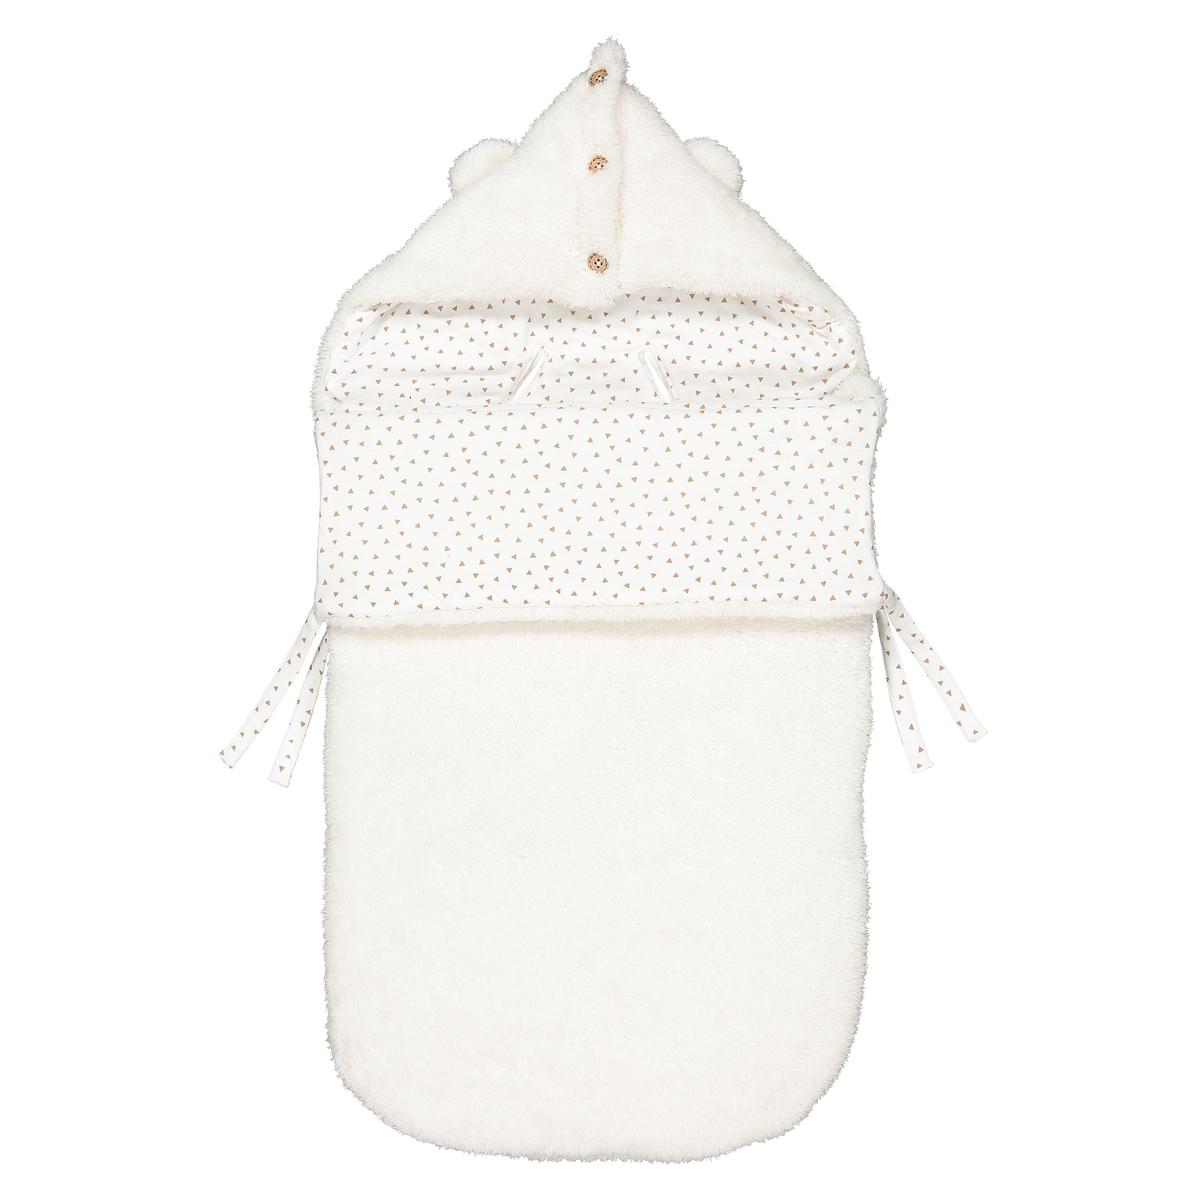 Конверт La Redoute Для новорожденного с эффектом плюшевой ткани единый размер бежевый полотенце la redoute для рук из махровой ткани хлопок с люверсом единый размер бежевый